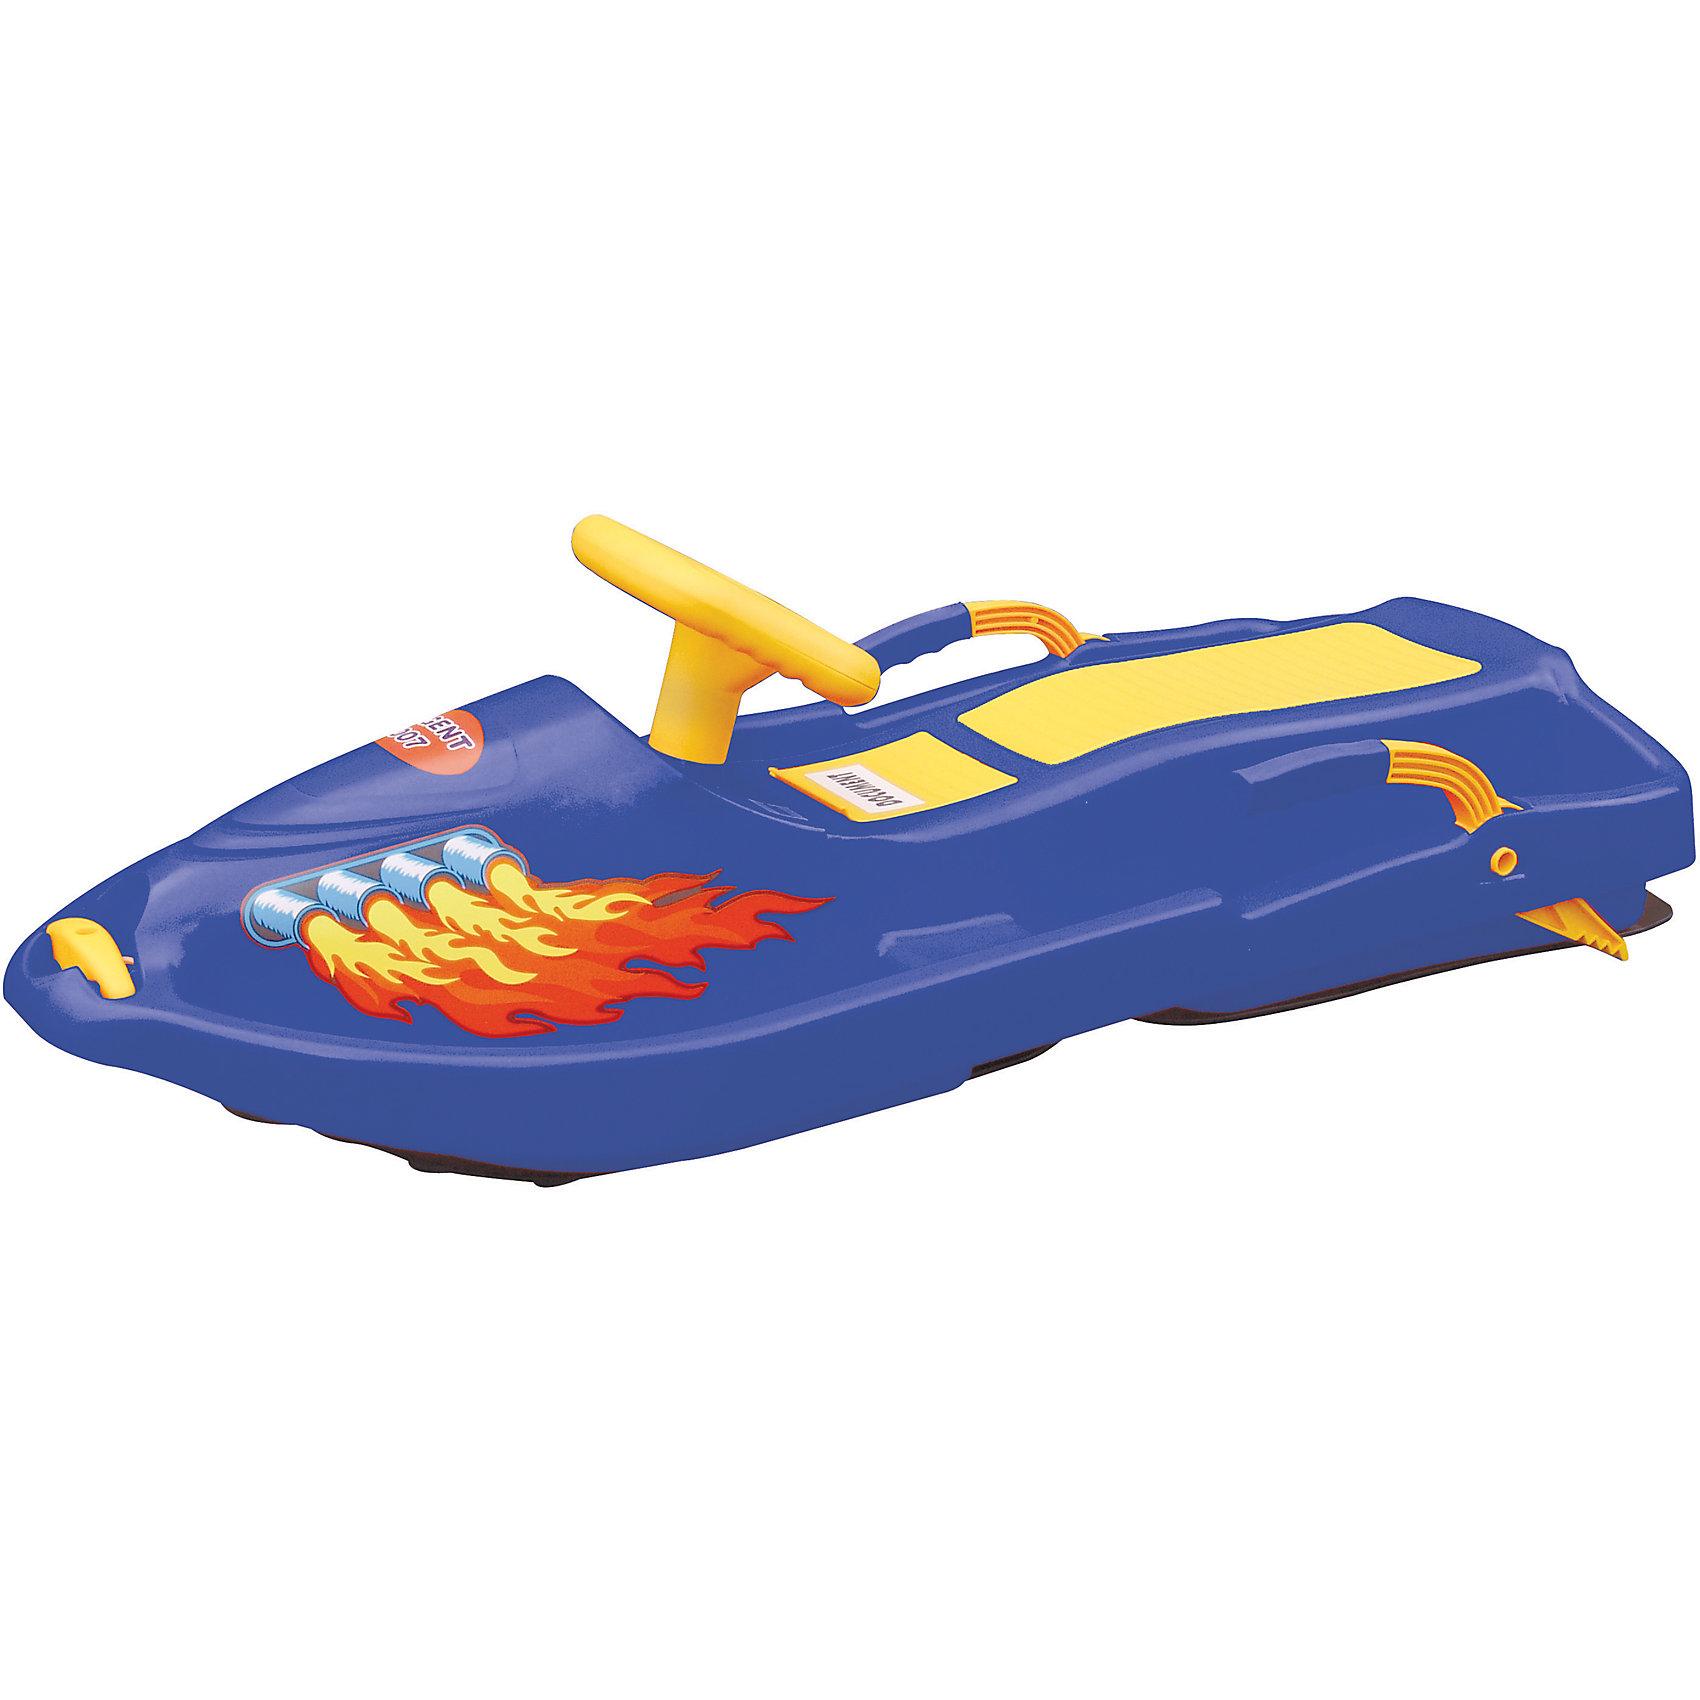 Санки Snow BoatСанки Snow Boat выполнены в виде яркого скутера. Модель изготовлена из высококачественного прочного пластика, имеет тормоз и буксирный шнур. Специальные выступы для ног позволяют ребенку лучше удерживать равновесие. Широкие полозья на которых располагаются санки связаны с рулем специальным рычагом, при повороте руля полозья меняют свое положение. В носовой части есть небольшое углубление, в которое складывает нейлоновый шнур, соединяющий снегокат и небольшую ручку. Прекрасный вариант для зимних забав! Игры и прогулки на свежем воздухе очень полезны для детей, они укрепляют иммунитет ребенка и, конечно, дарят хорошее настроение. <br><br>Дополнительная информация:<br><br>- Материал: пластик.<br>- Цвет: синий.<br>- Размер: 93x43x27 см.<br>- Количество посадочных мест: 2<br>- Рулевое управление. <br>- Тормоз.<br>- Буксирный шнур.<br>- Максимальная нагрузка: 50 кг.<br><br>Санки Snow Boat можно купить в нашем магазине.<br><br>Ширина мм: 930<br>Глубина мм: 430<br>Высота мм: 270<br>Вес г: 3200<br>Возраст от месяцев: 36<br>Возраст до месяцев: 96<br>Пол: Унисекс<br>Возраст: Детский<br>SKU: 4295756